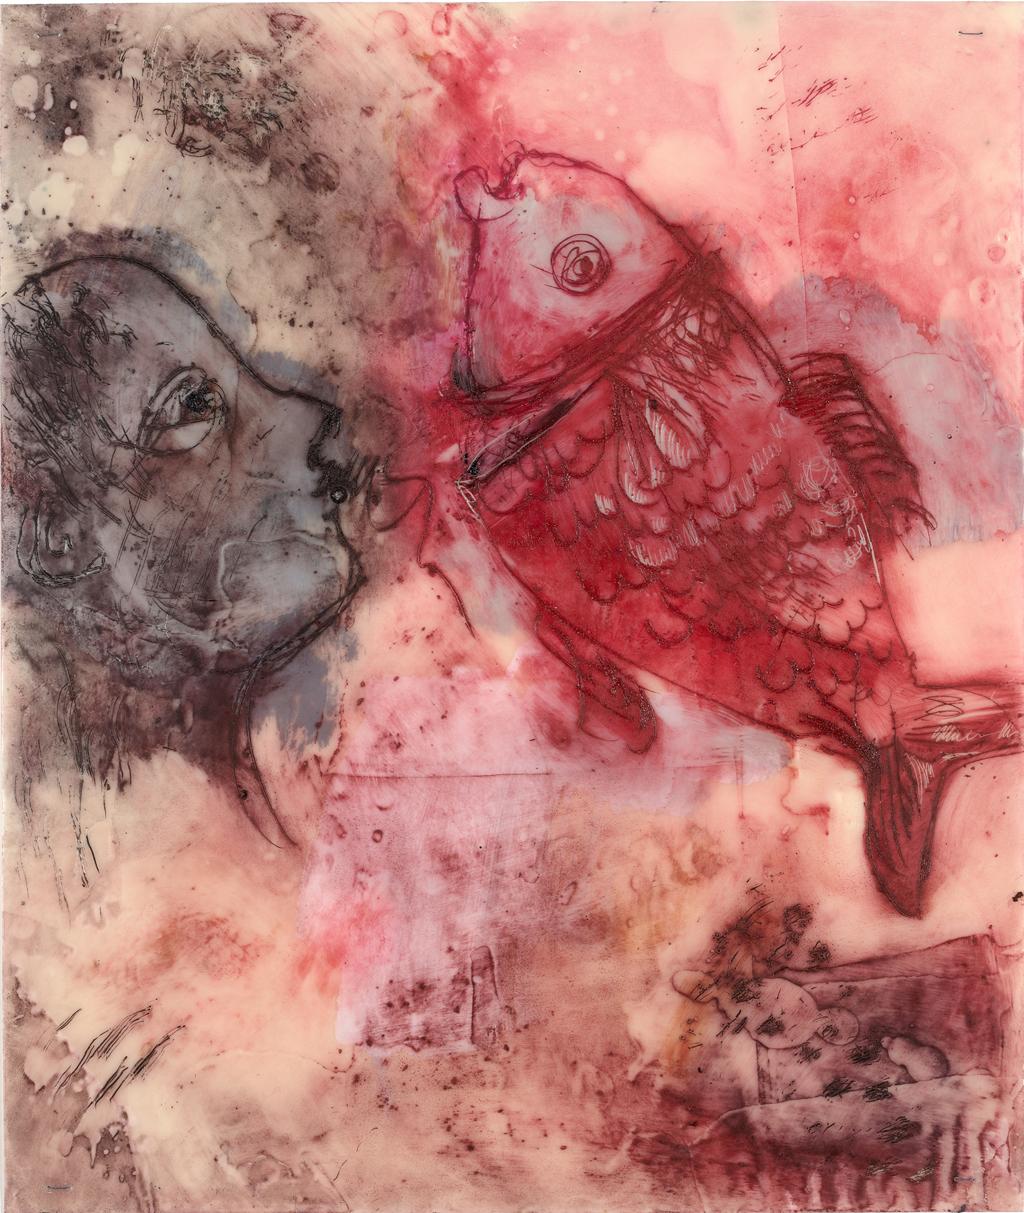 Auf neuen Wegen III | 2015, Enkaustik - Pigment, Ölfarbe und Wachs auf Papier, 28 x 24 cm